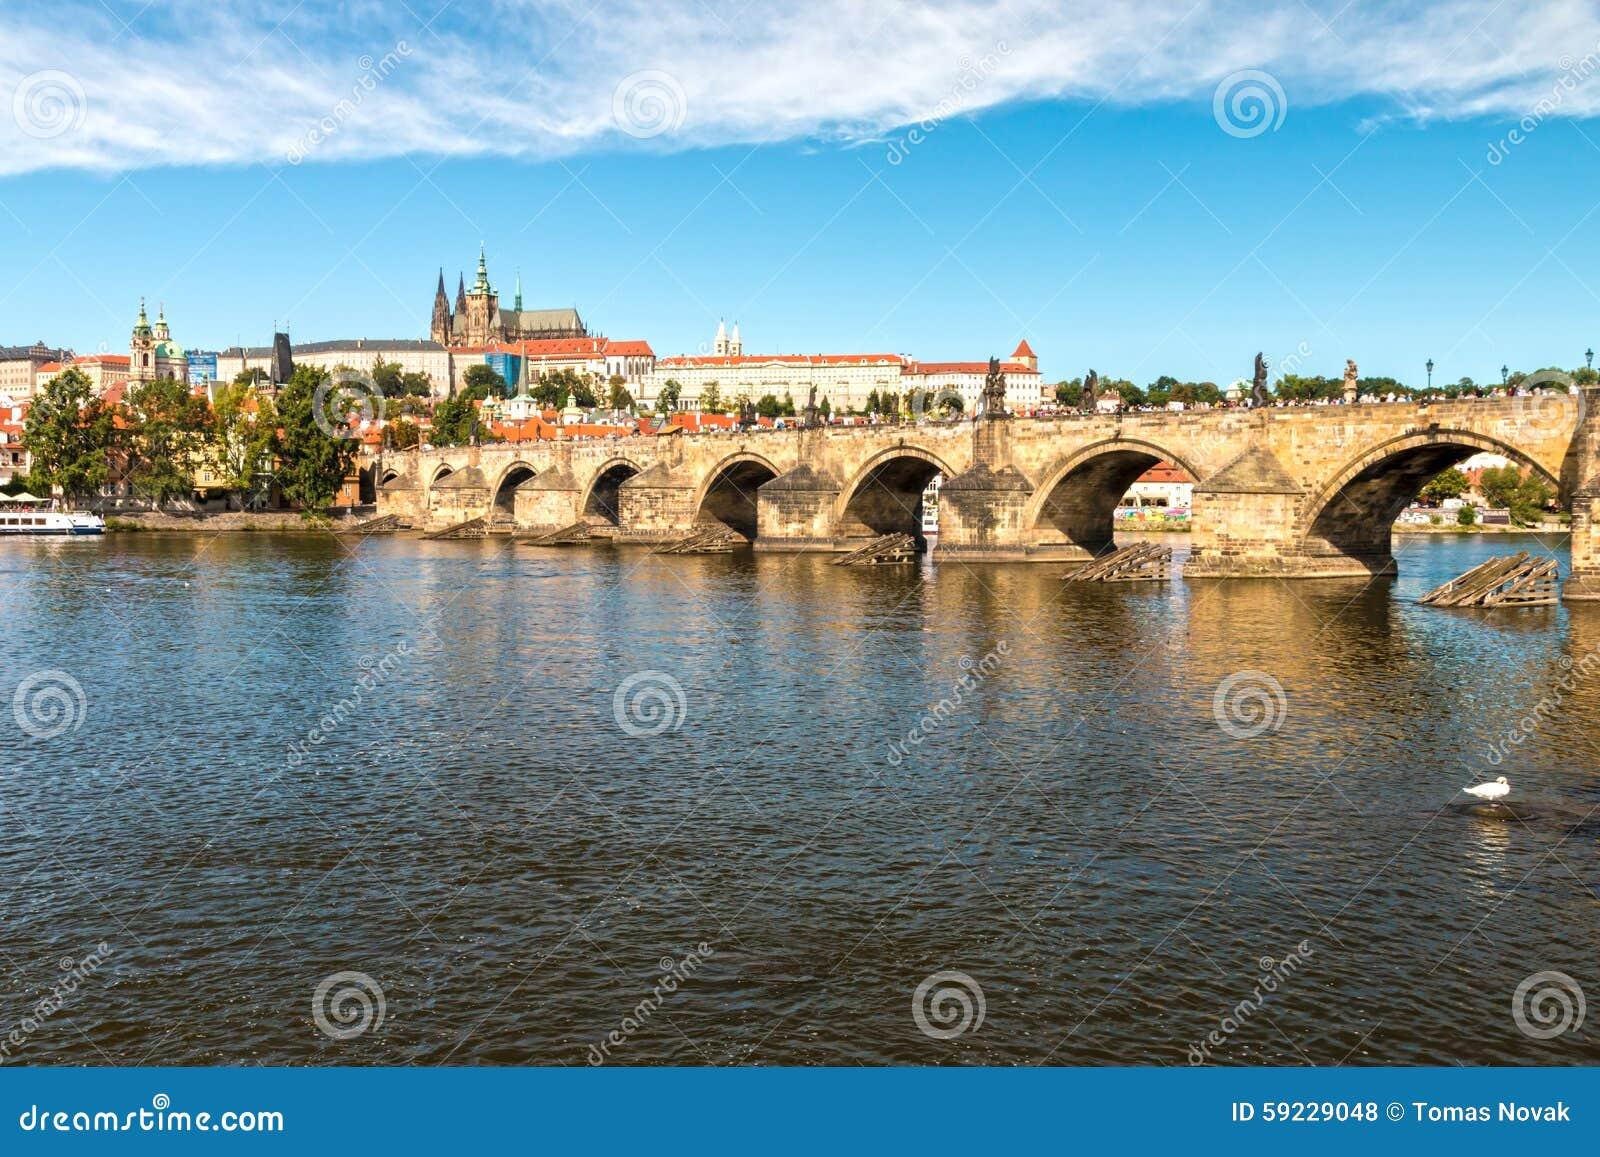 Download Castillo De Praga Y Puente De Charles Foto de archivo - Imagen de paisaje, castillo: 59229048